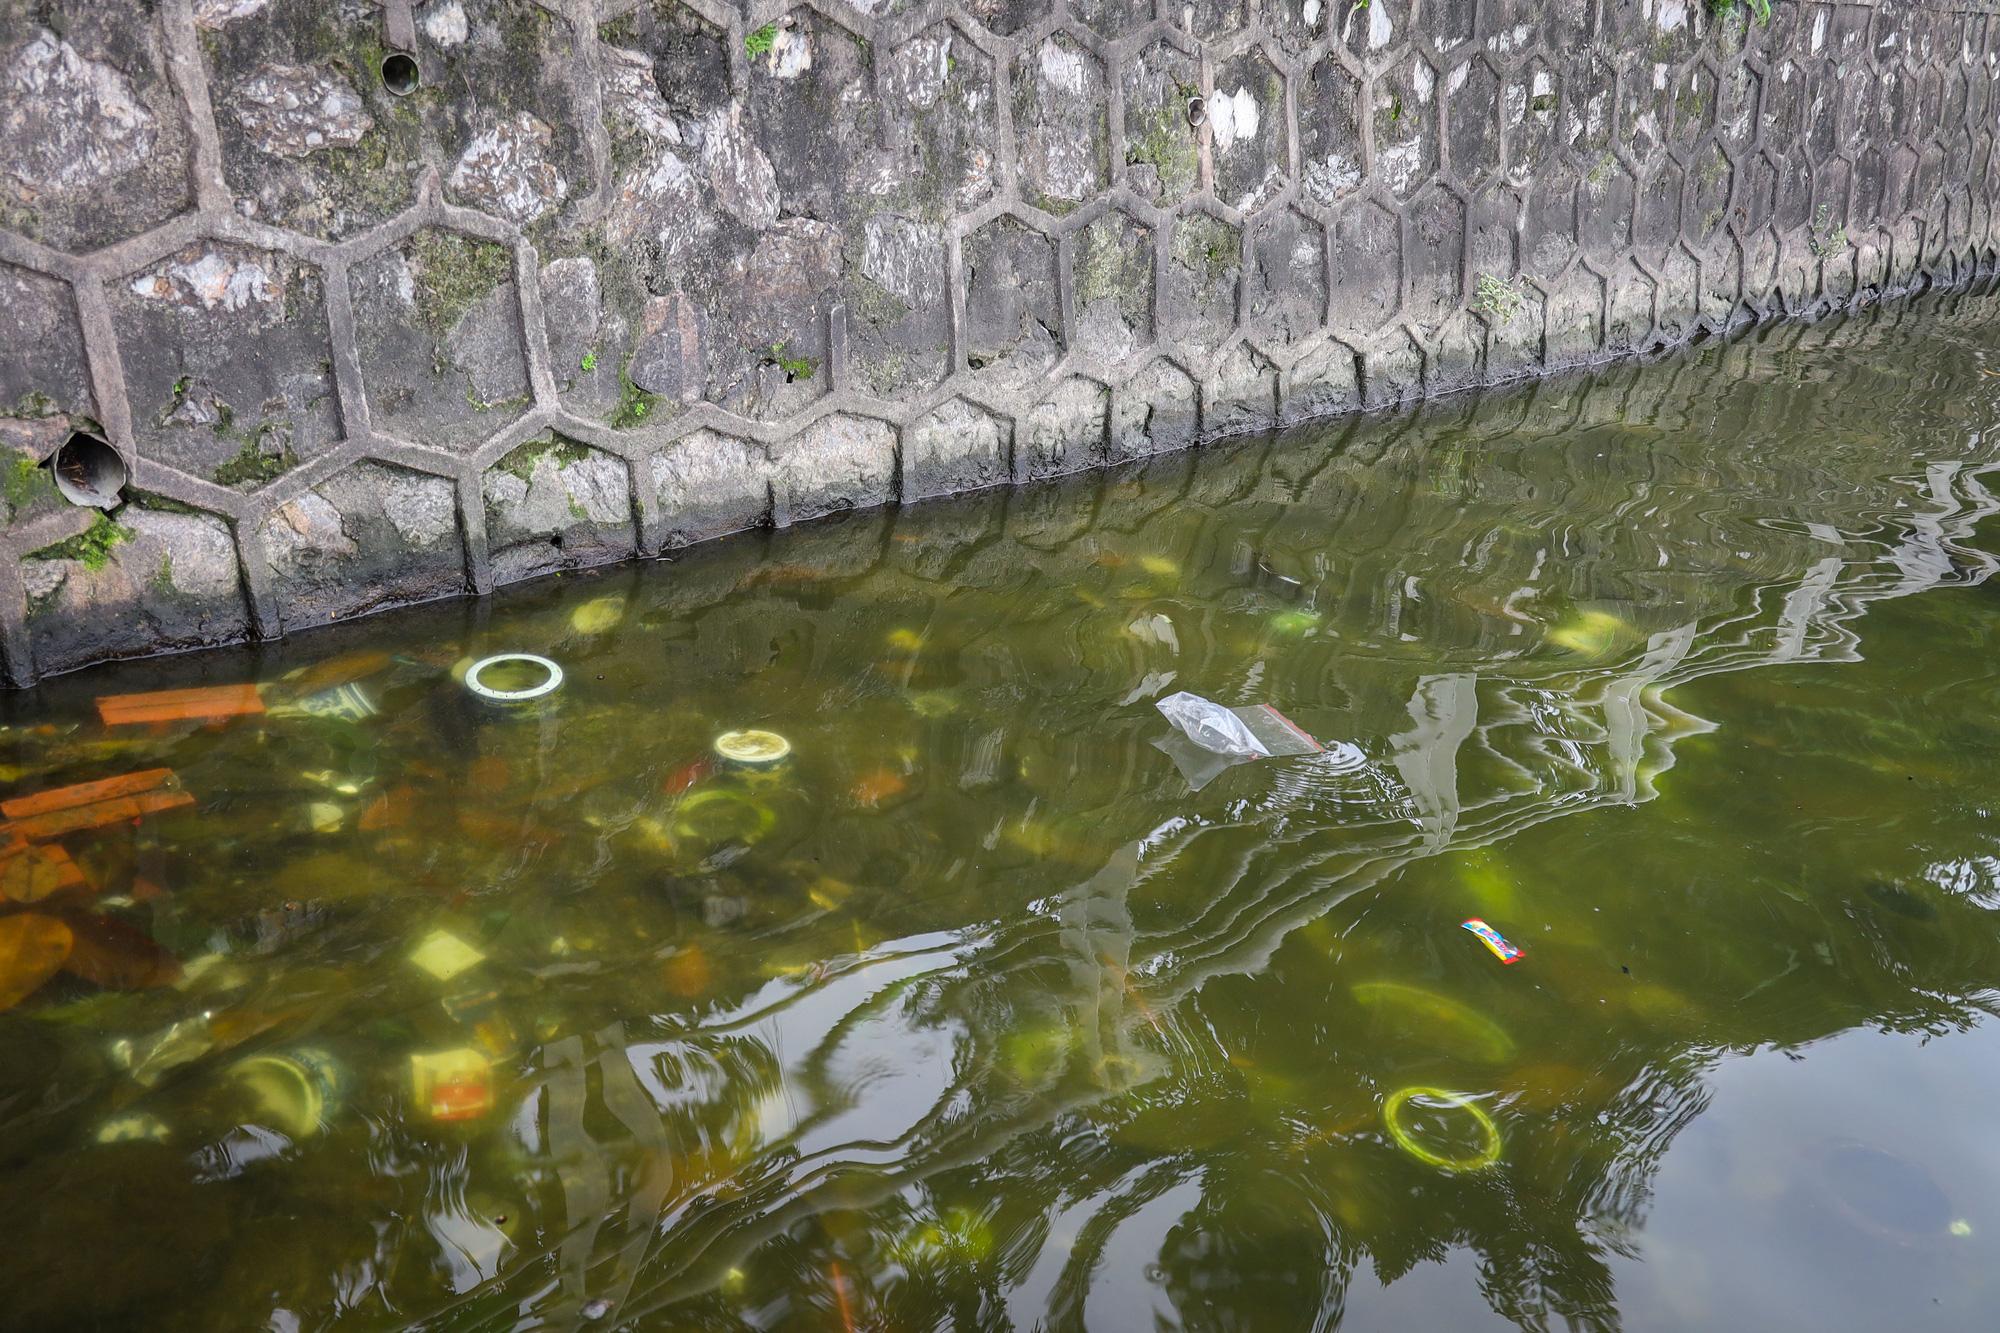 Nước hồ Tây có dấu hiệu ô nhiễm, bất ngờ chuyển màu xanh rêu đậm - Ảnh 2.